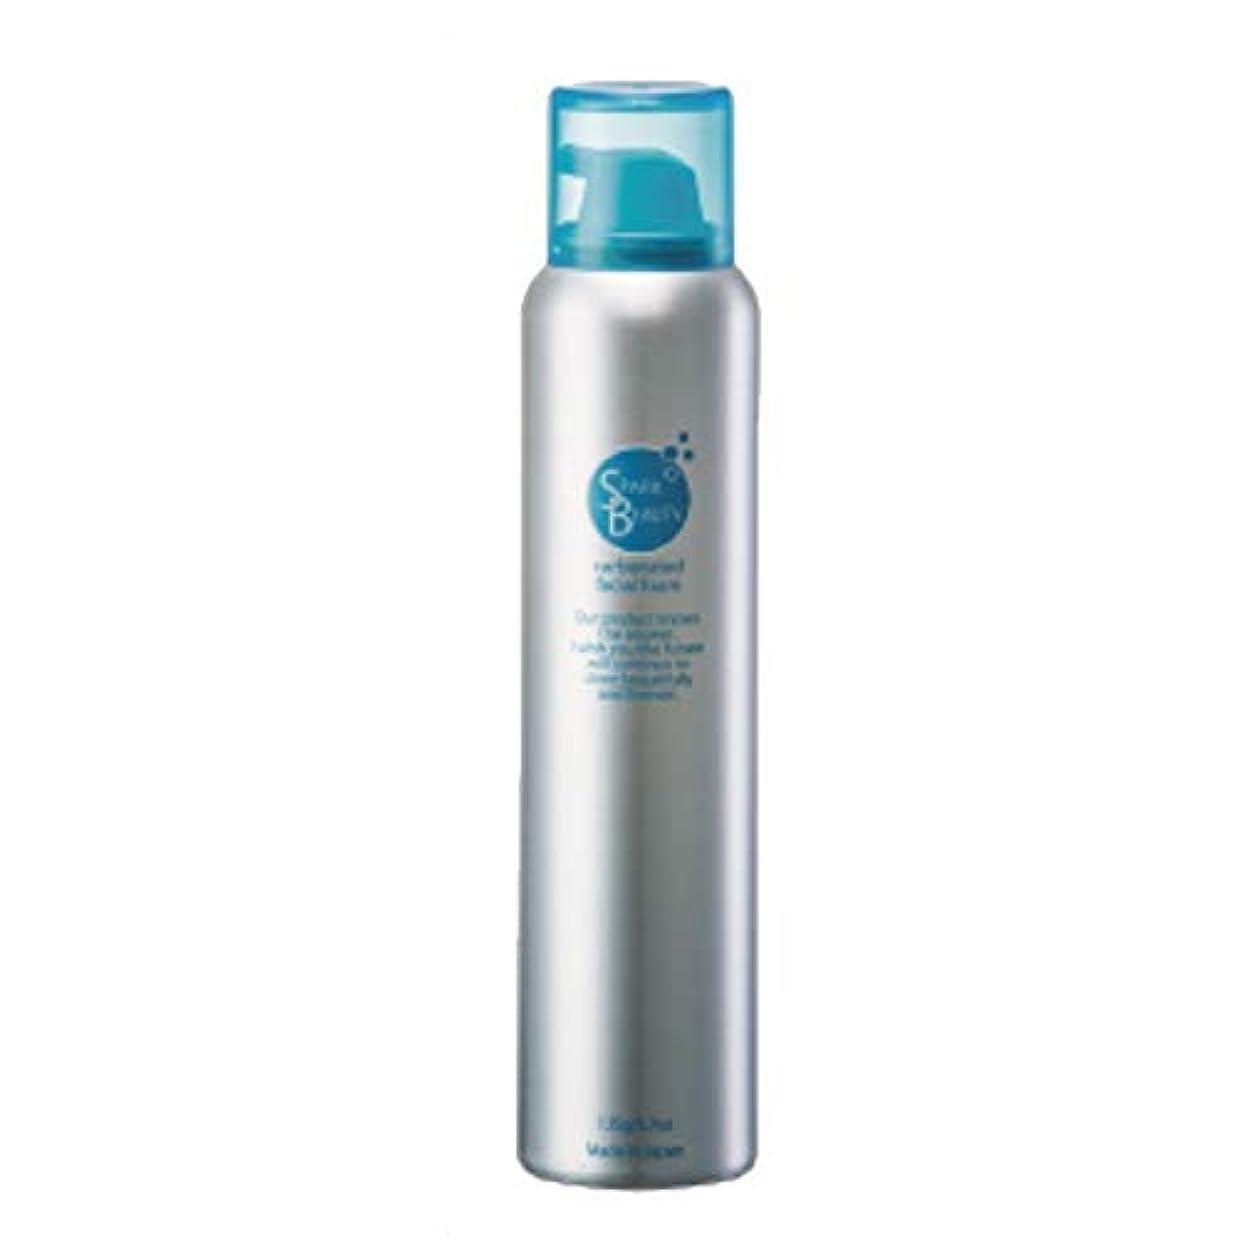 位置する消費敵意ホクト公式 スパークビューティー 【炭酸泡洗顔フォーム135g】 濃密泡 モコモコ 弱酸性 スキンケア 美容 SPARKBEAUTY 基礎化粧品